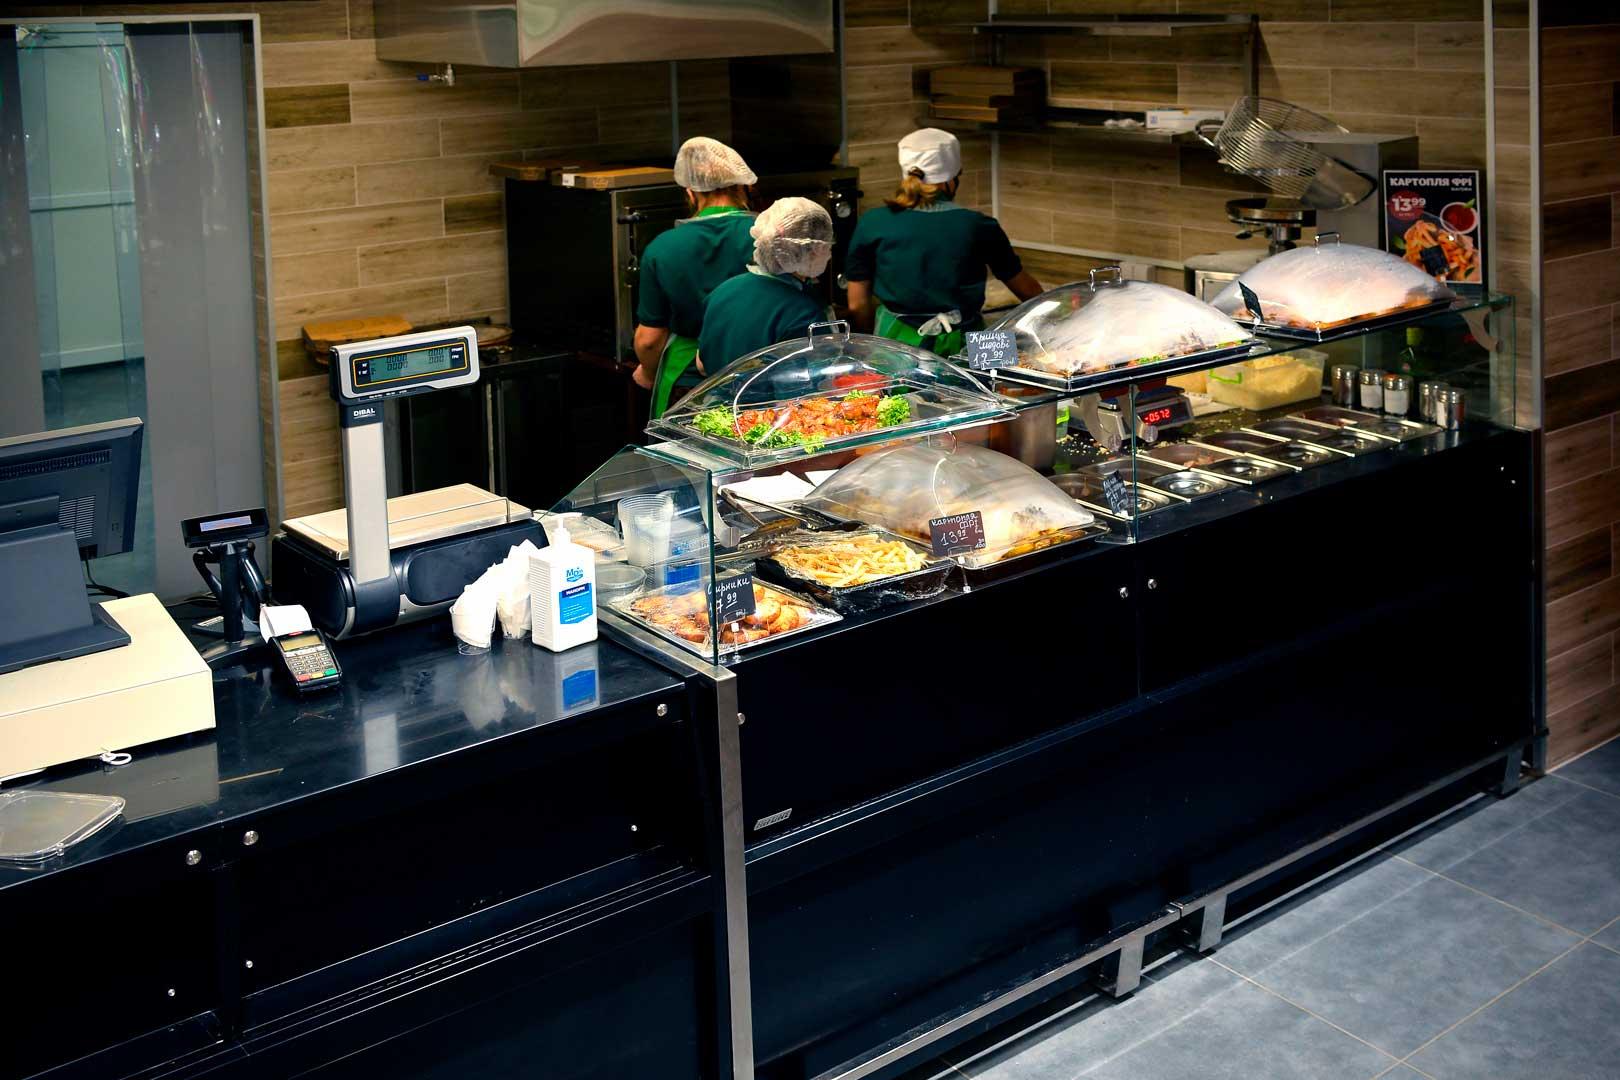 Тепловий модуль Missouri MC 100 sushi/pizza L 130-DBA, нейтральний модуль Missouri NC 100 self 090